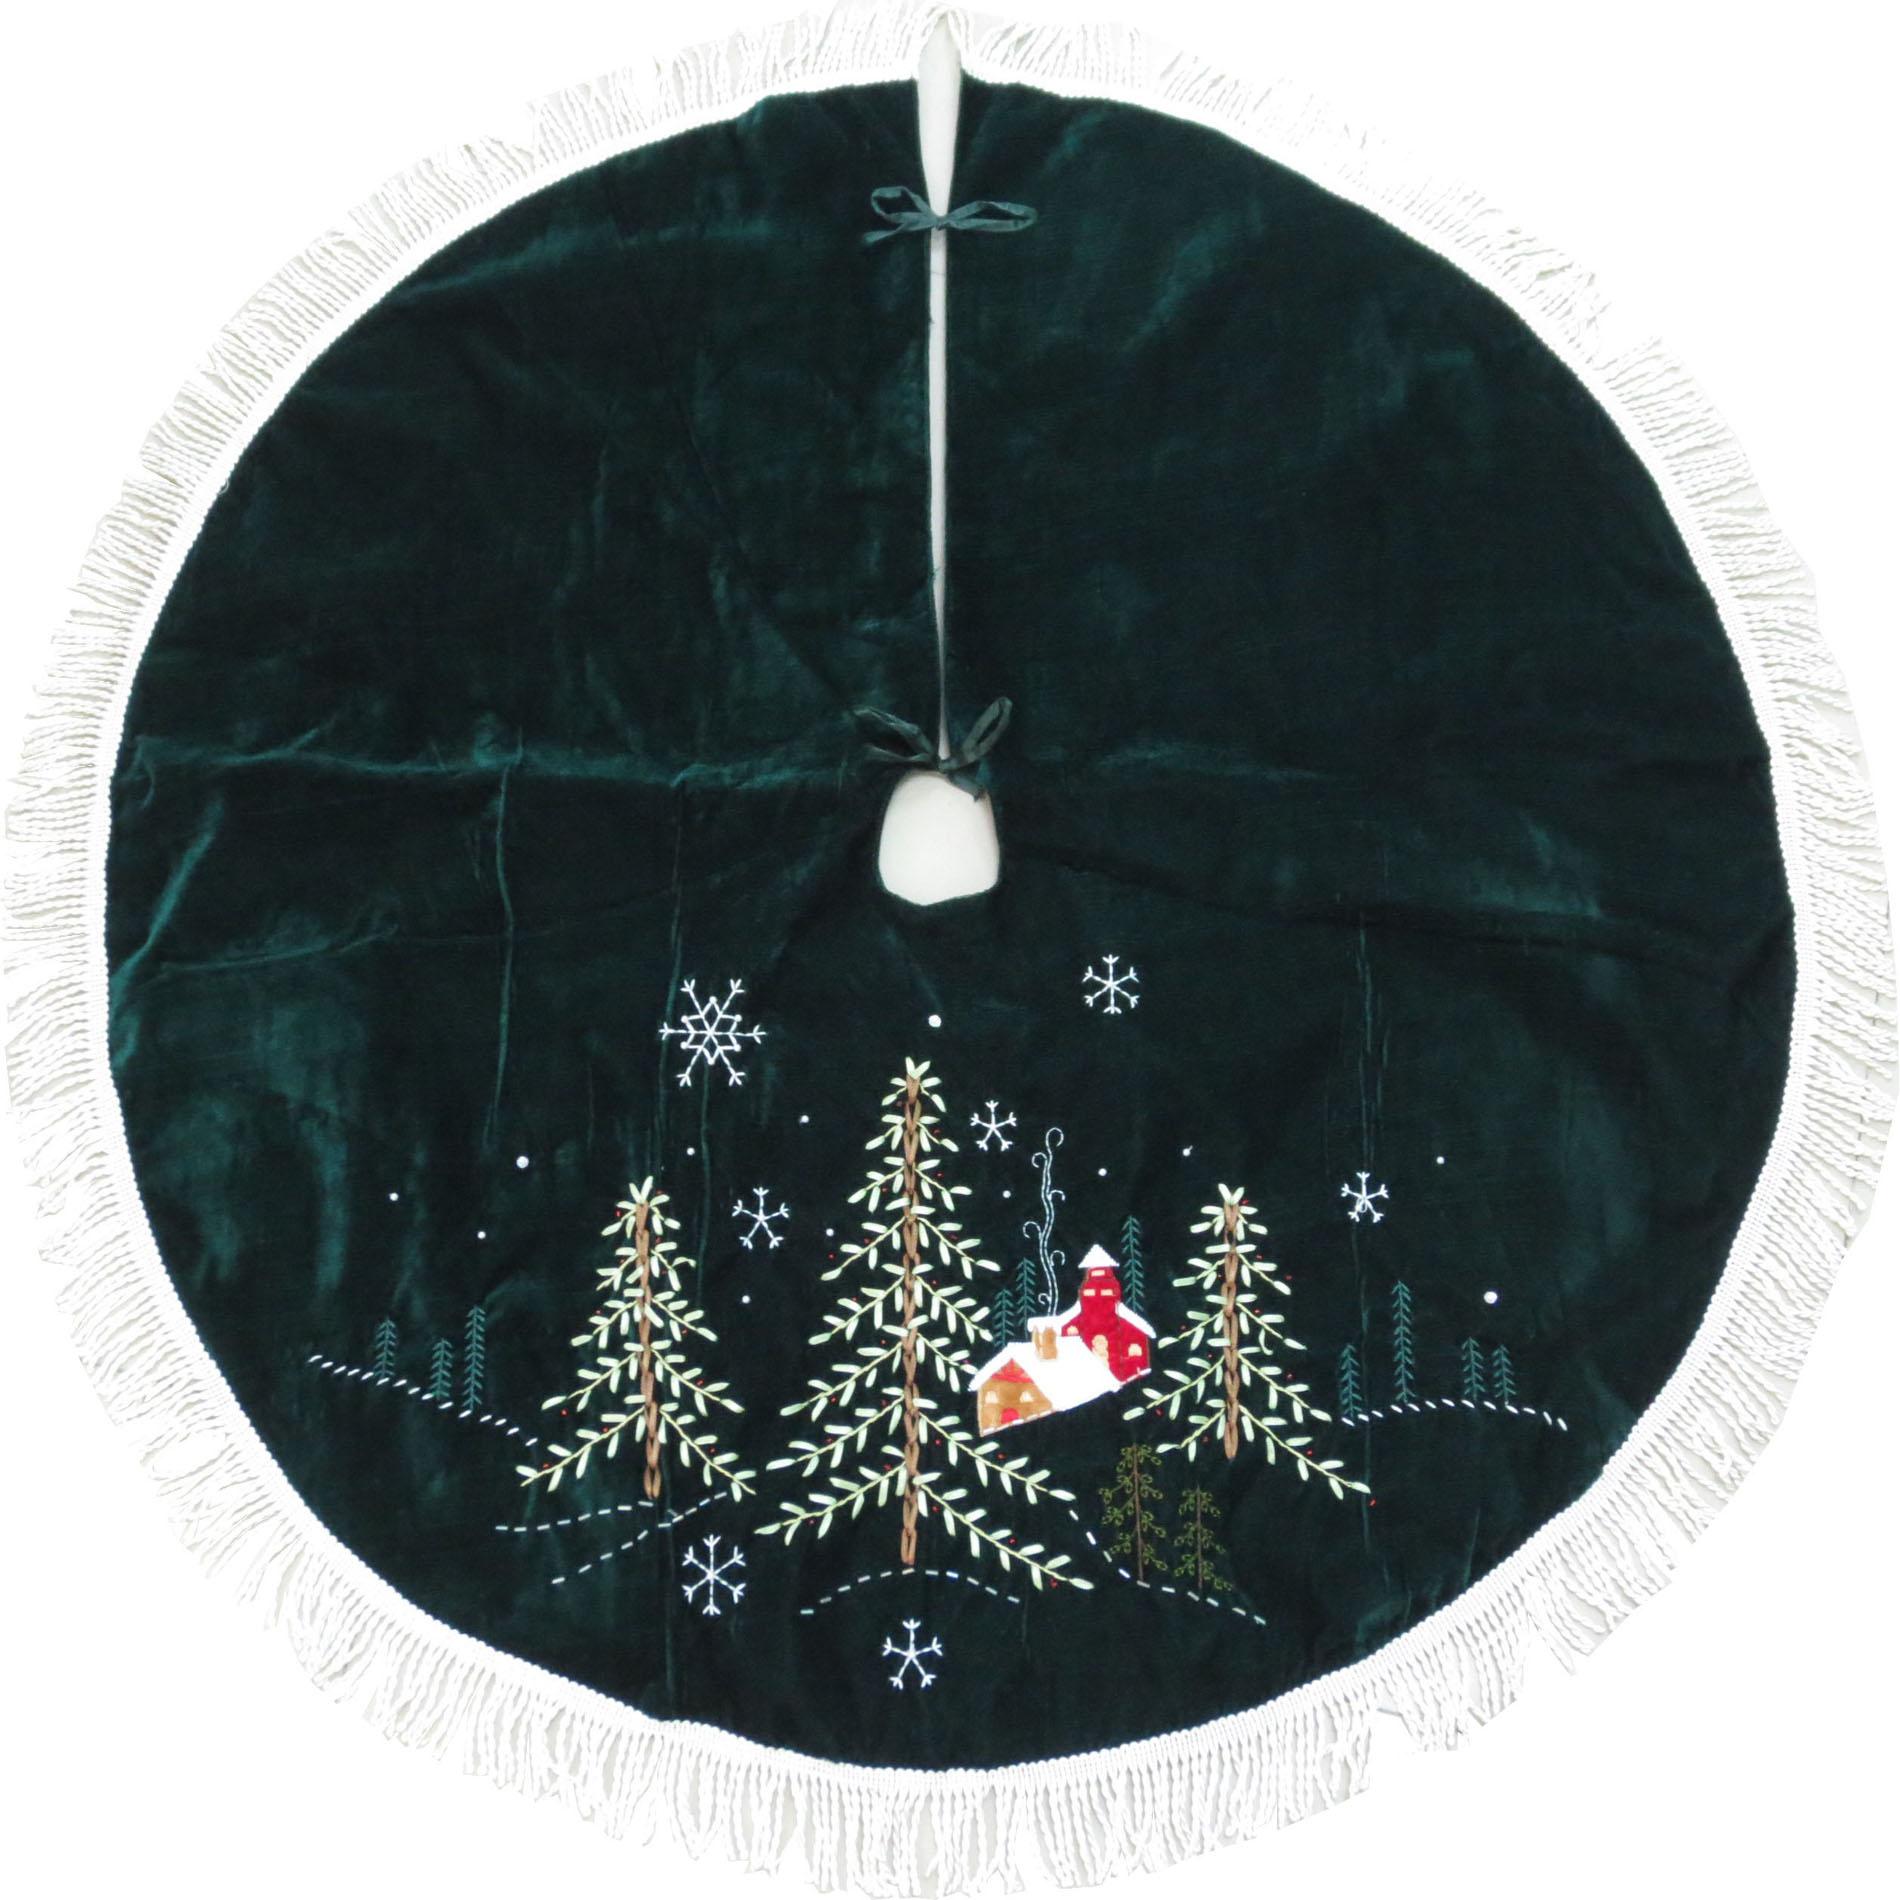 Kmart Christmas Tree Skirts